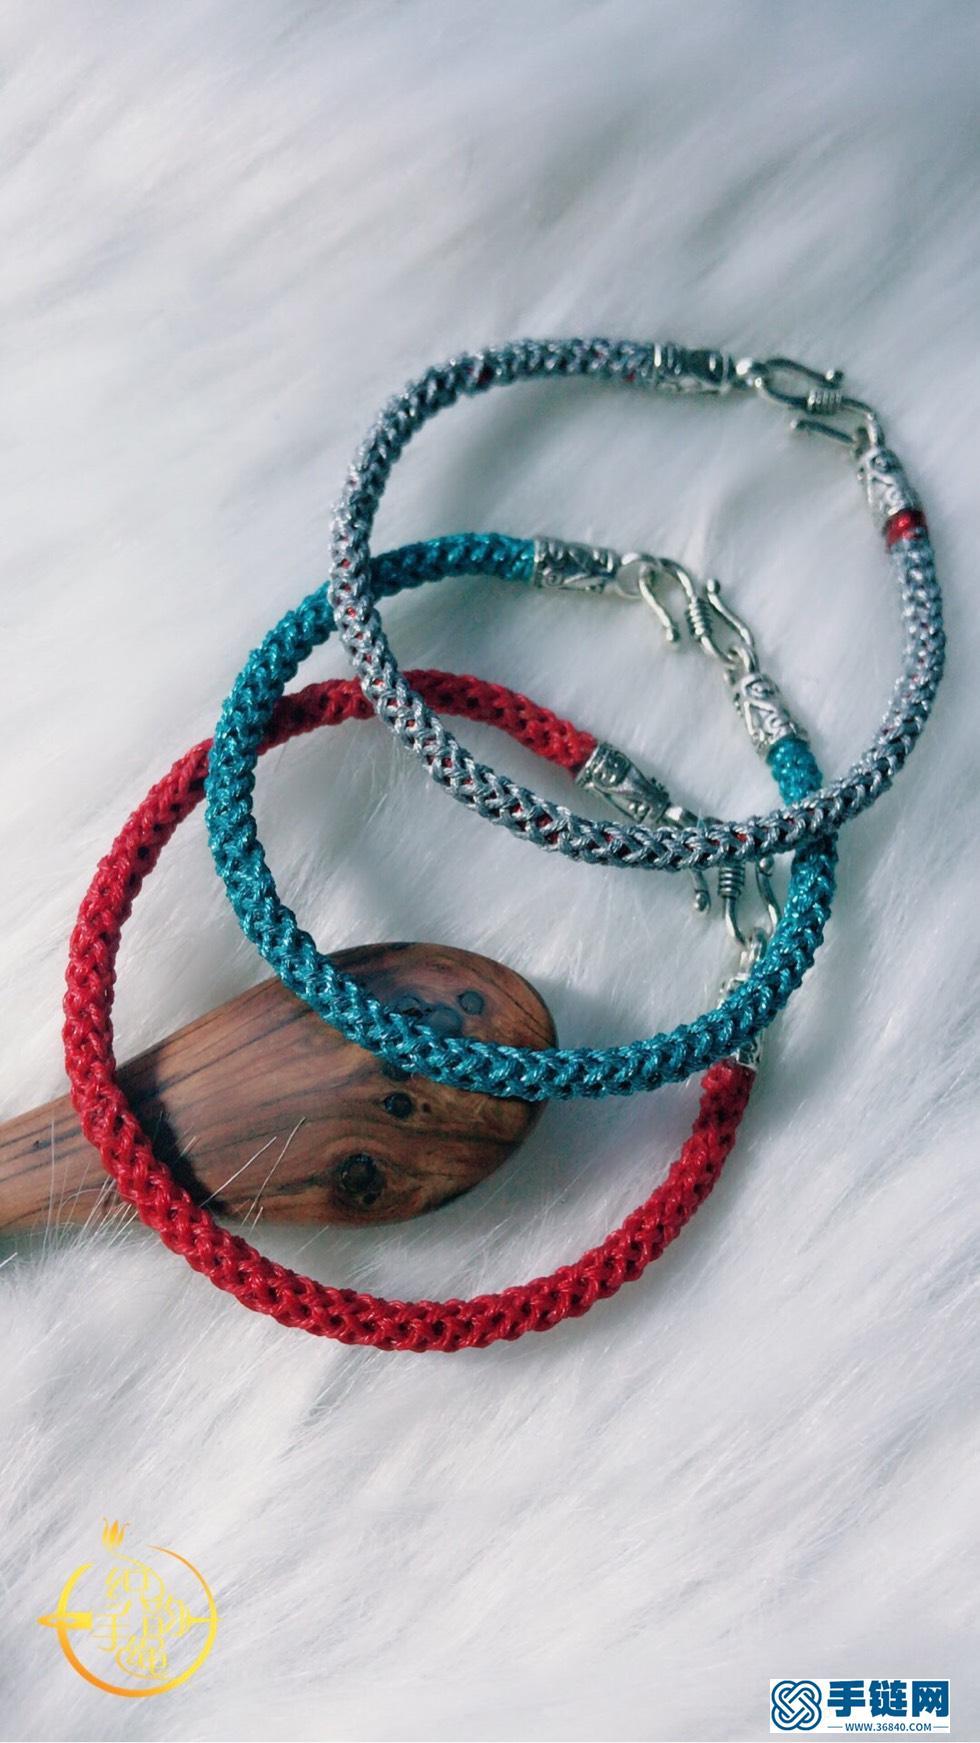 男士手绳编织新款教程,好看男款龙鳞祈福手绳教程